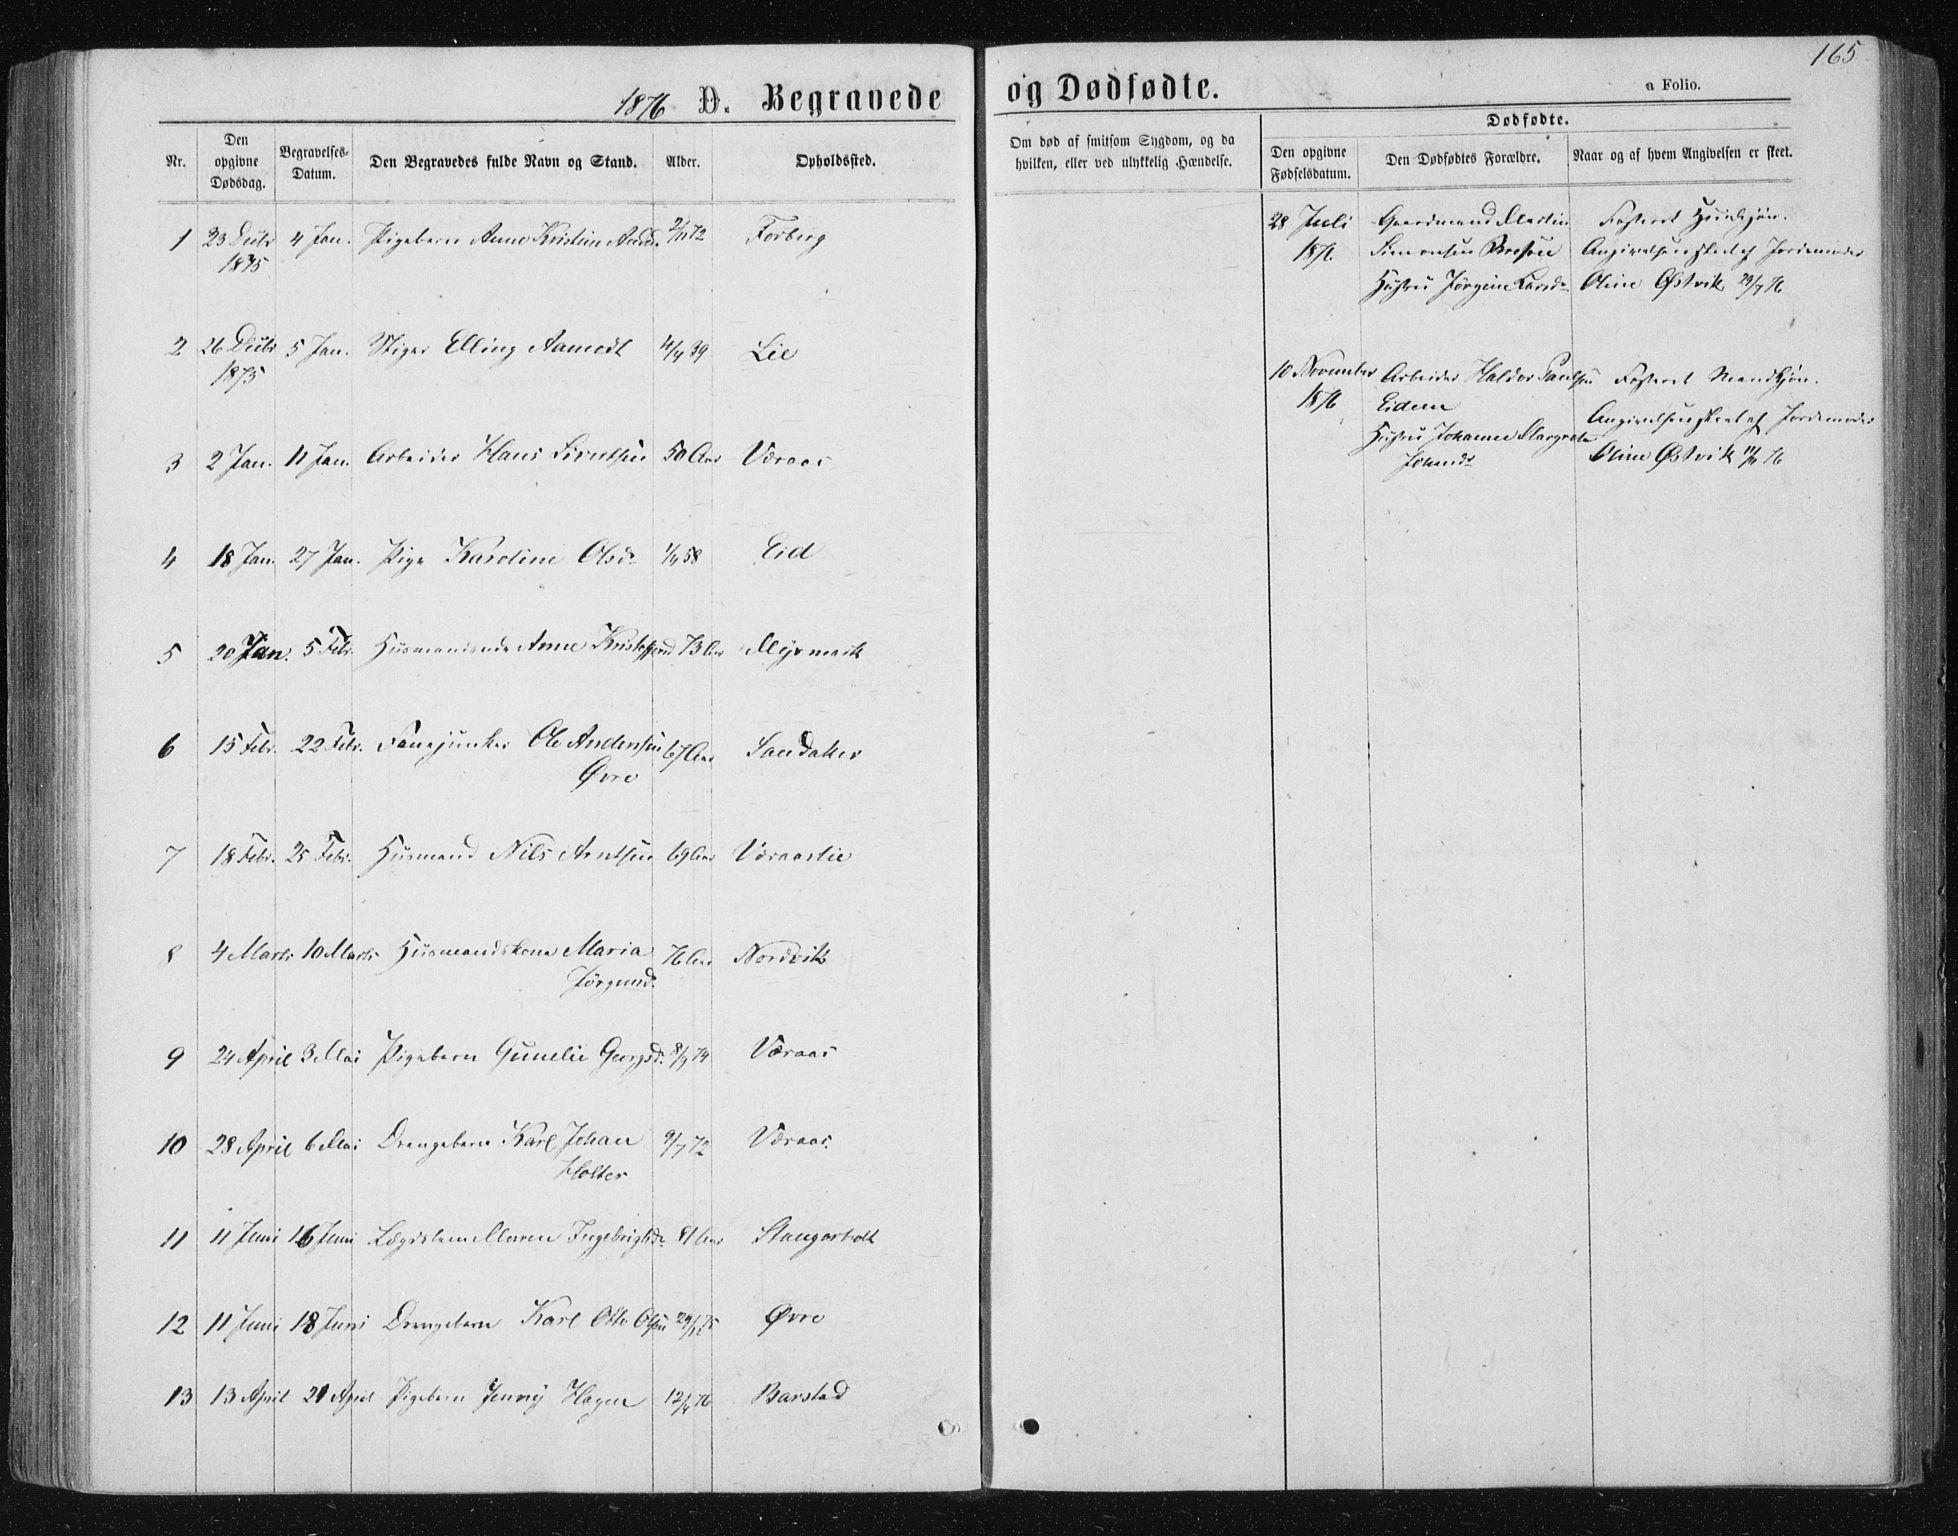 SAT, Ministerialprotokoller, klokkerbøker og fødselsregistre - Nord-Trøndelag, 722/L0219: Ministerialbok nr. 722A06, 1868-1880, s. 165